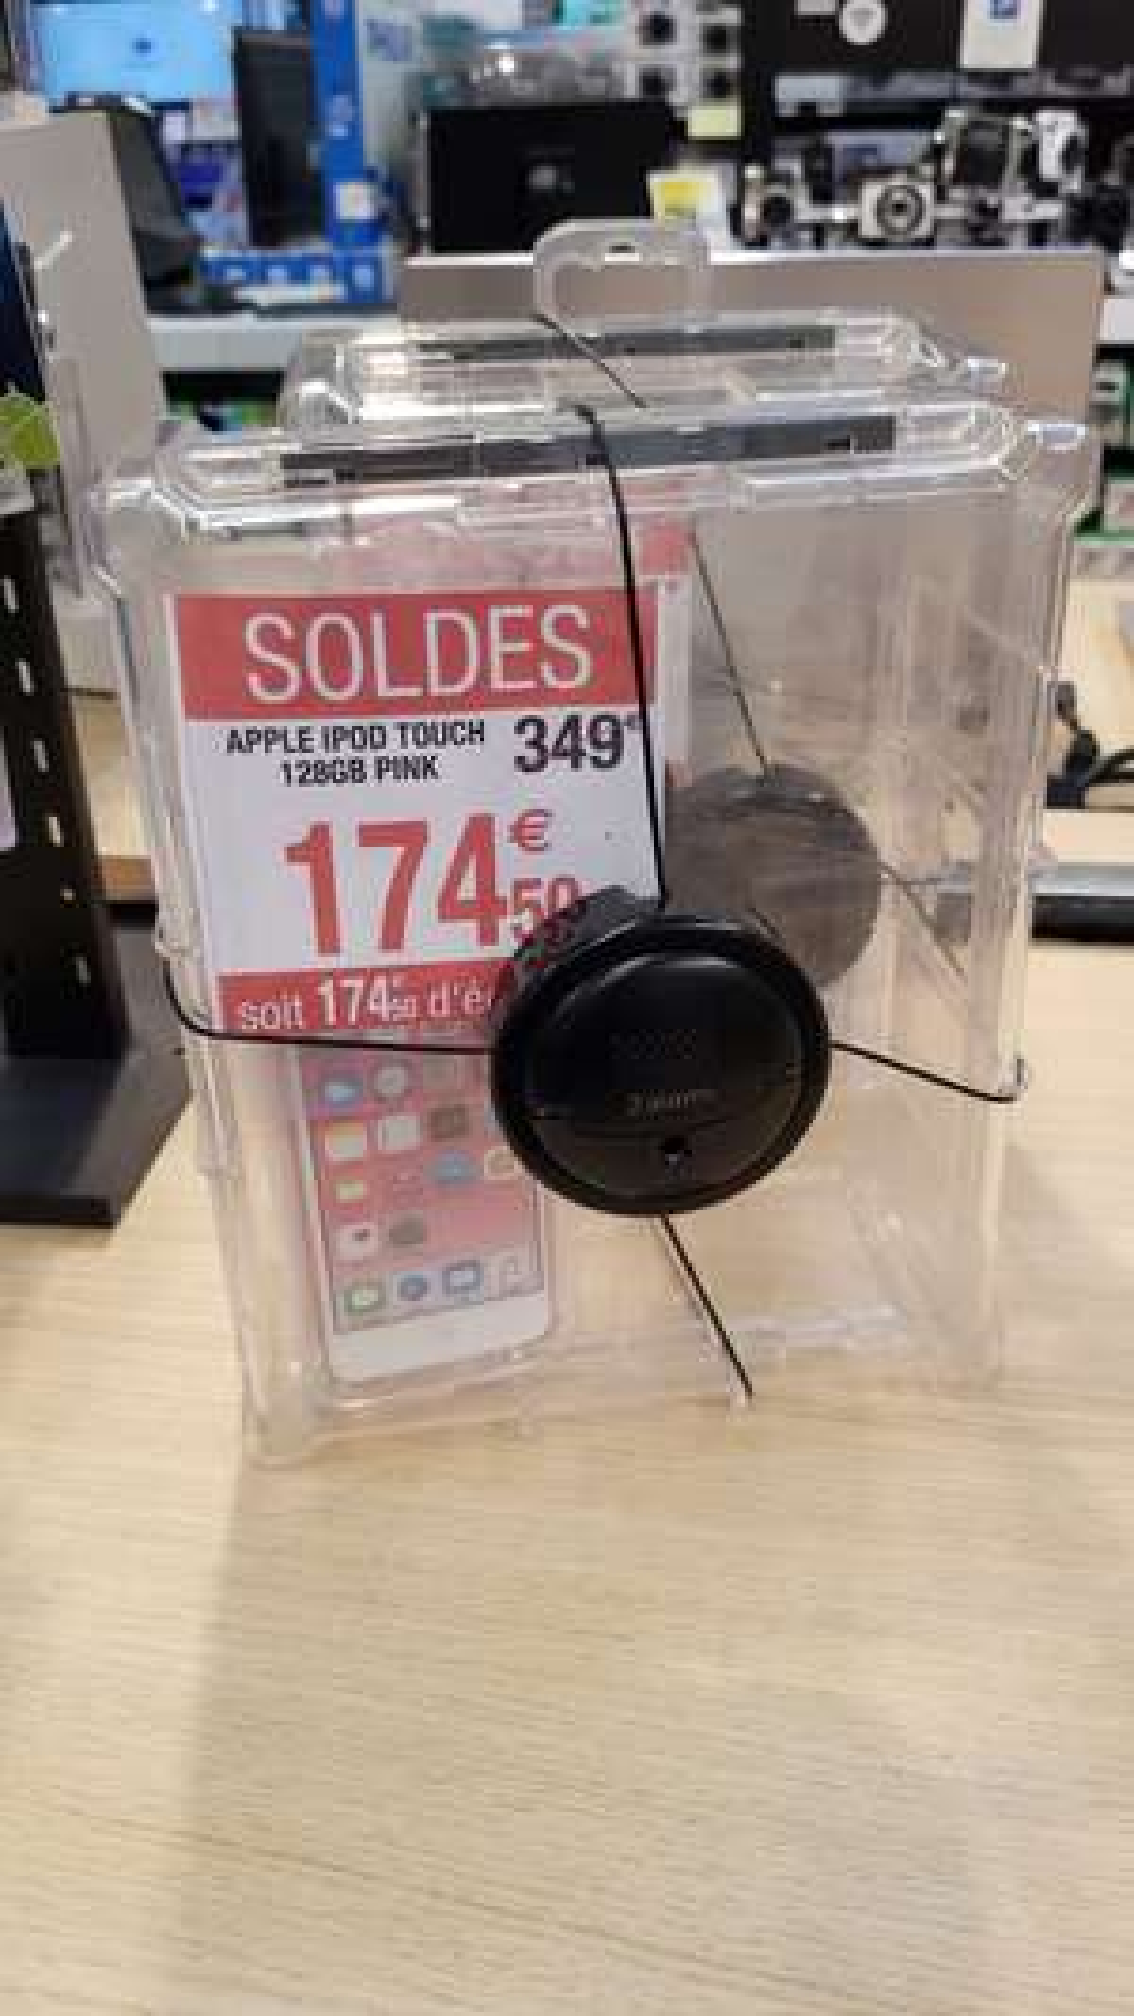 Lecteur multimédia Apple iPod touch (128 Go) - Givors (69)